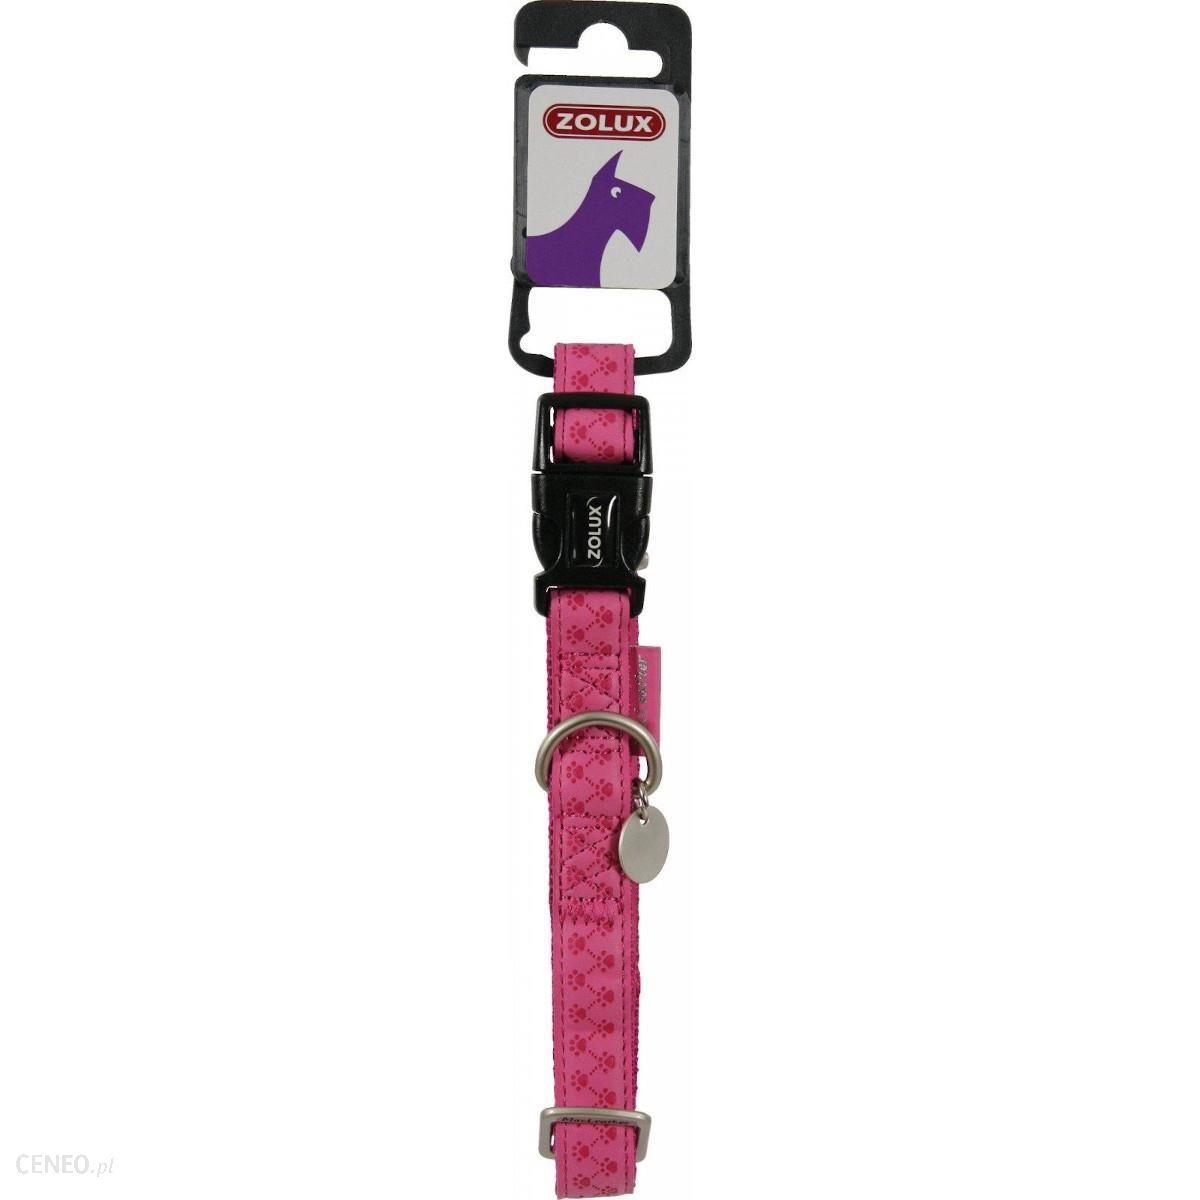 Zolux Obroża Dla Psa Mac Leather Różowa 33-47cm